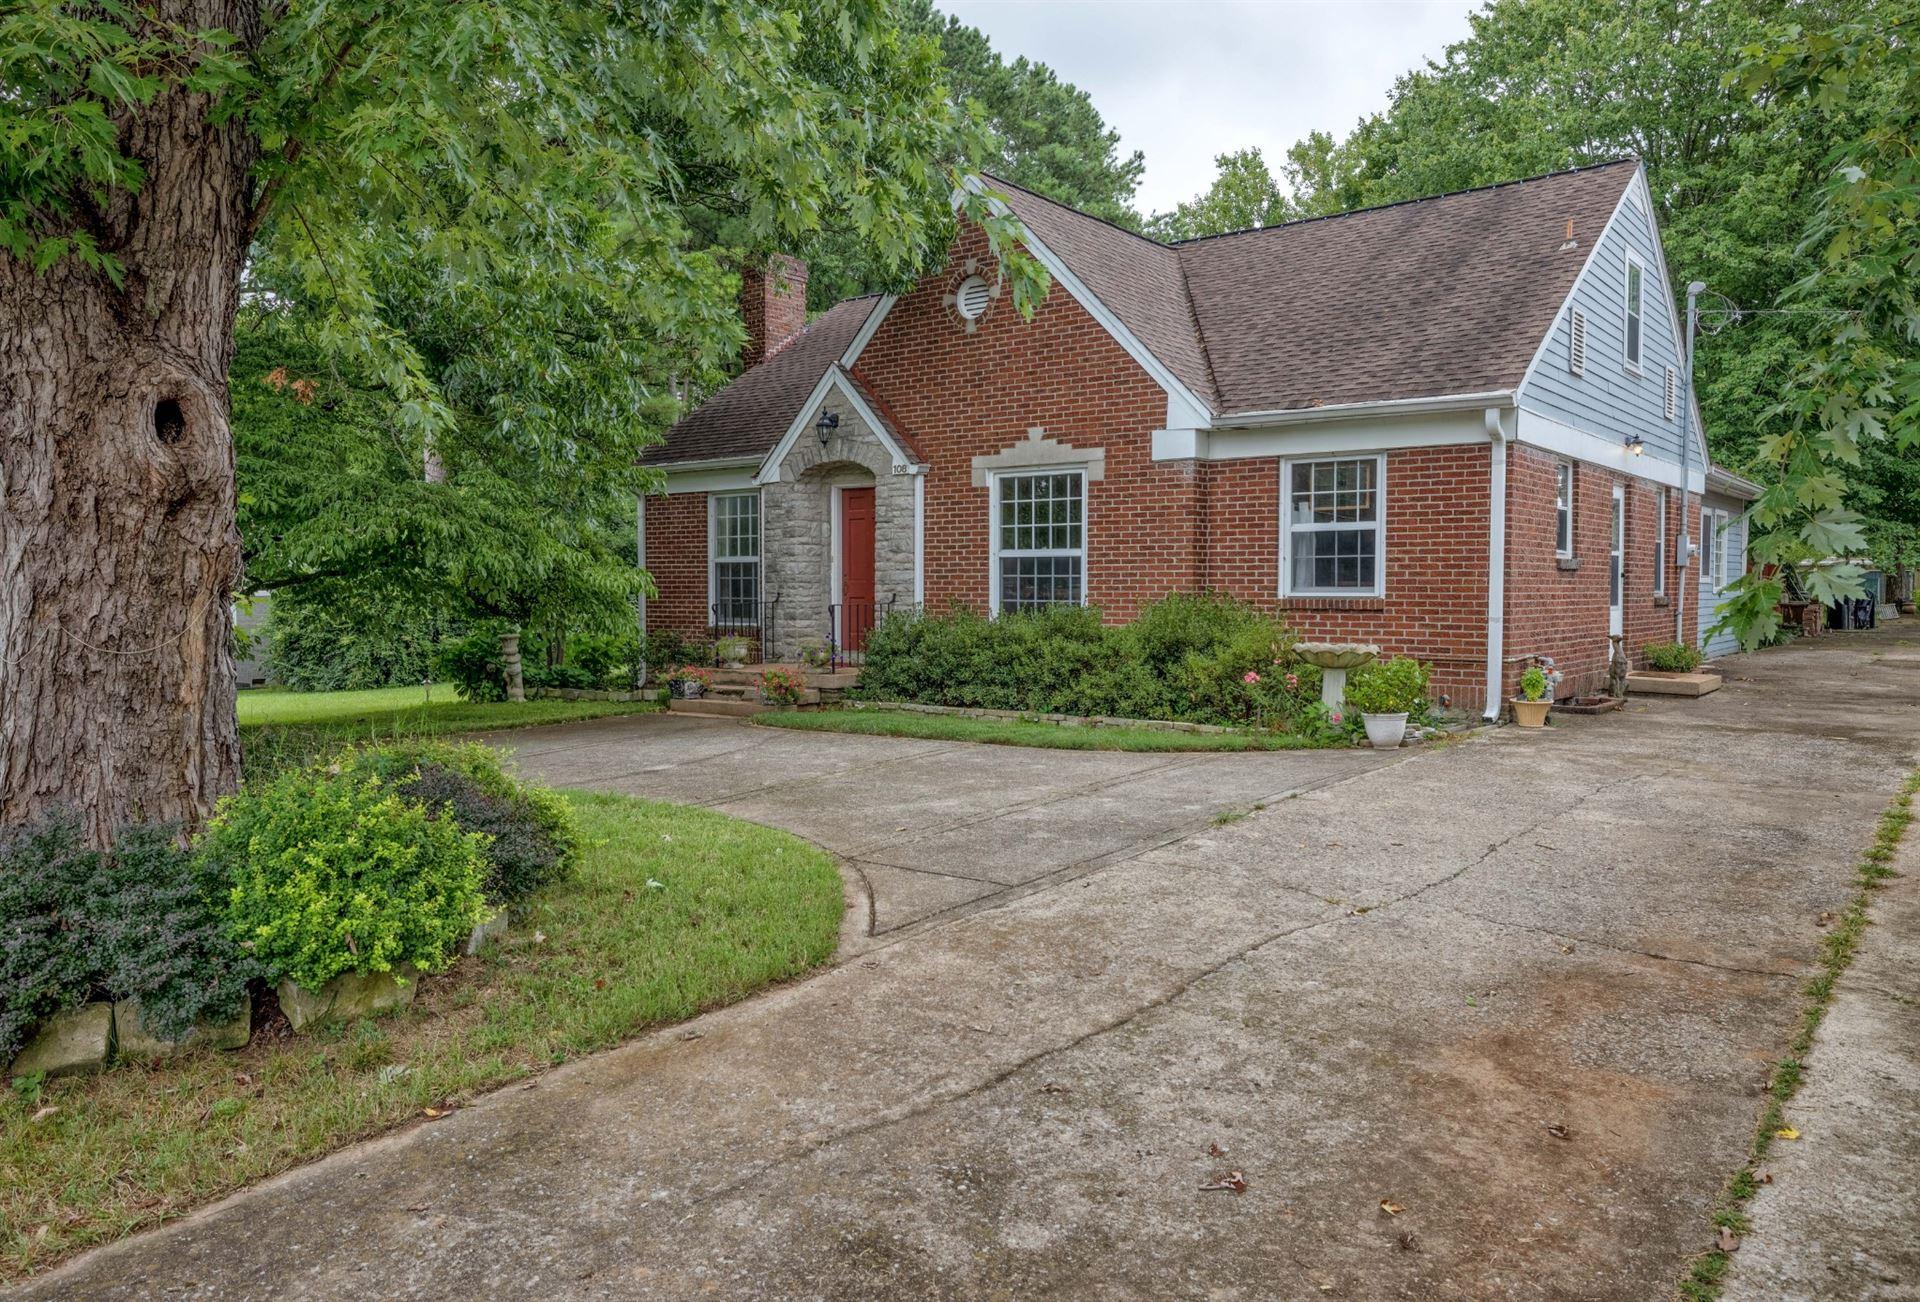 108 Carolyn Ave, Franklin, TN 37064 - MLS#: 2128996